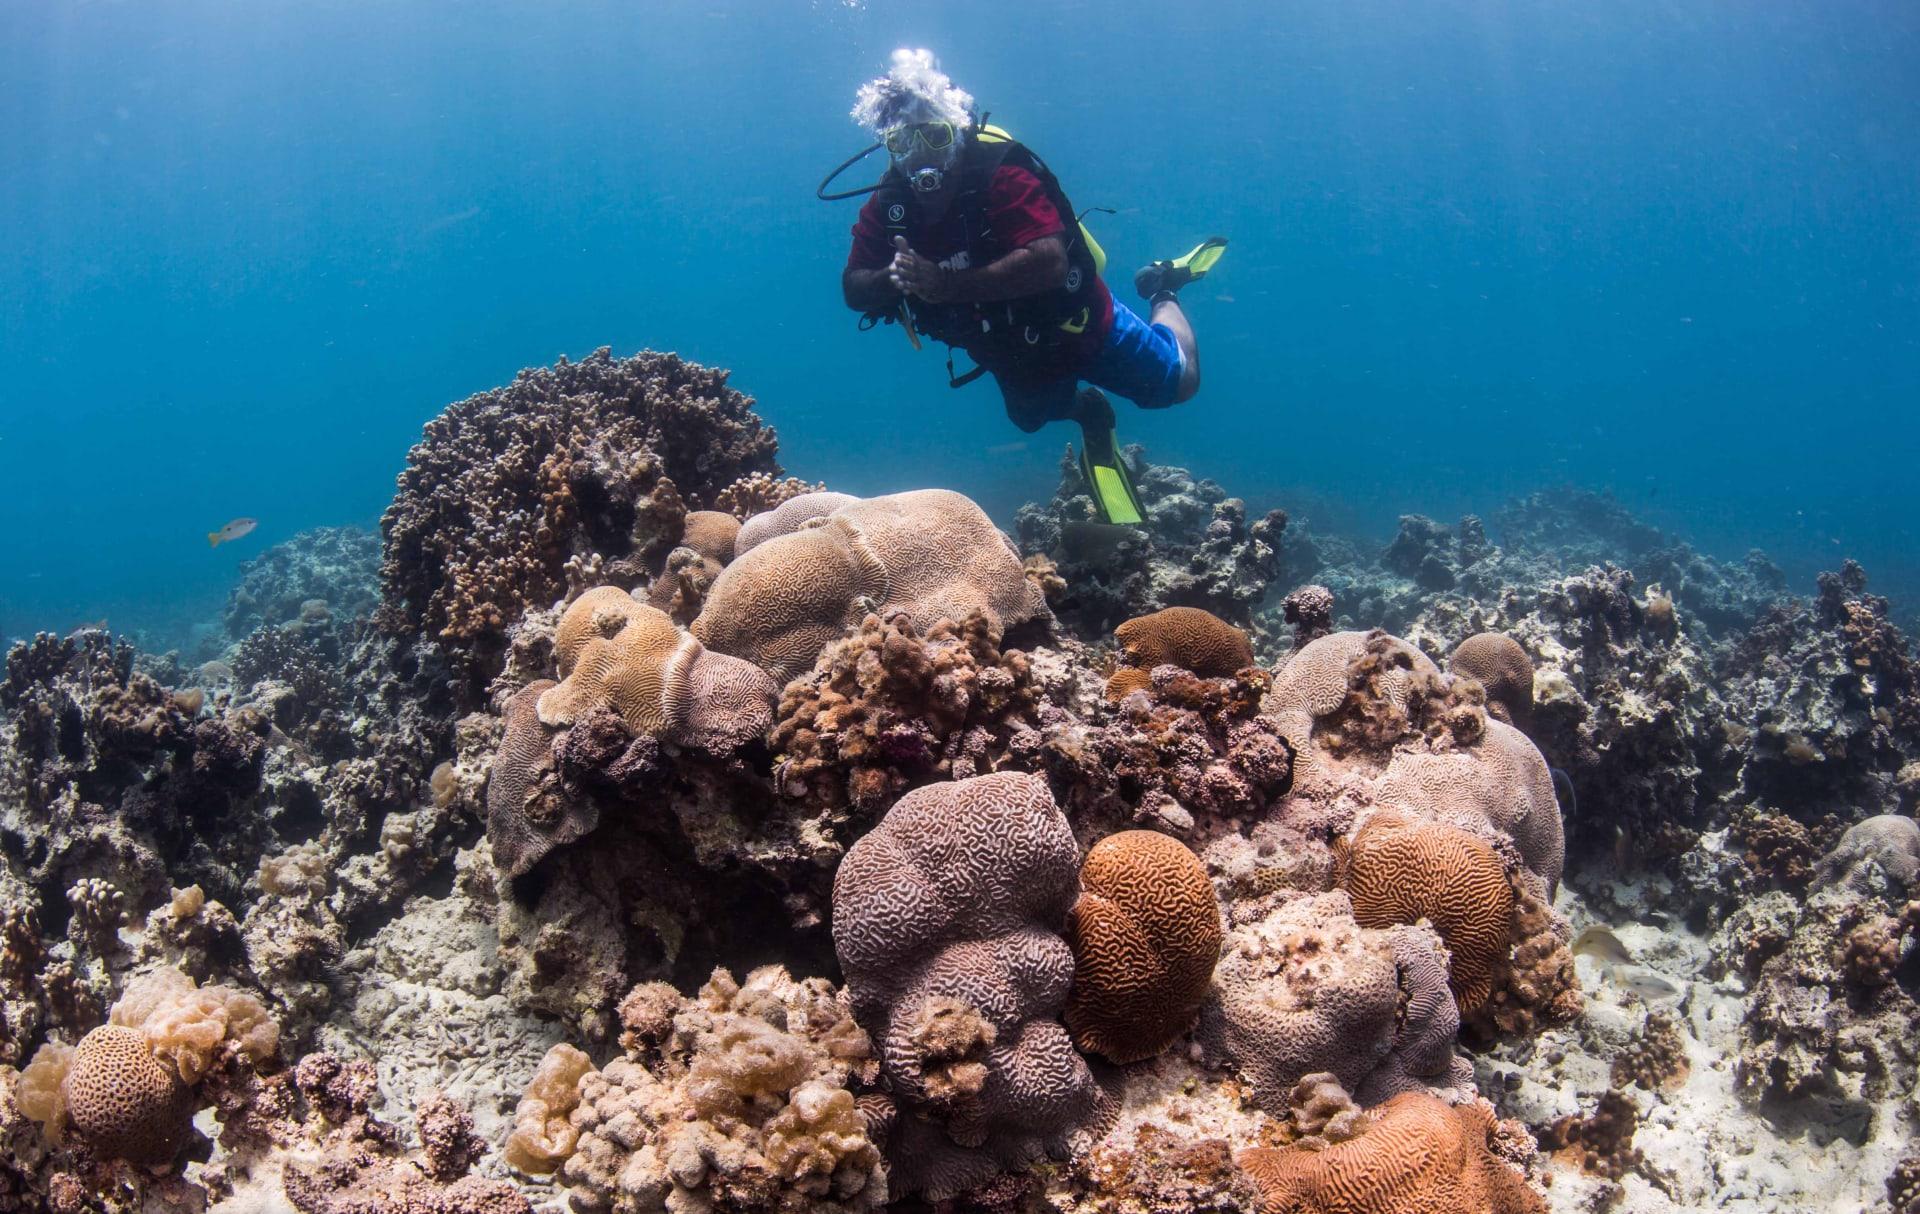 أكثر من مليون مستعمرة.. ألق نظرة داخل أكبر مشروع لإعادة تأهيل الشعاب المرجانية في المنطقة